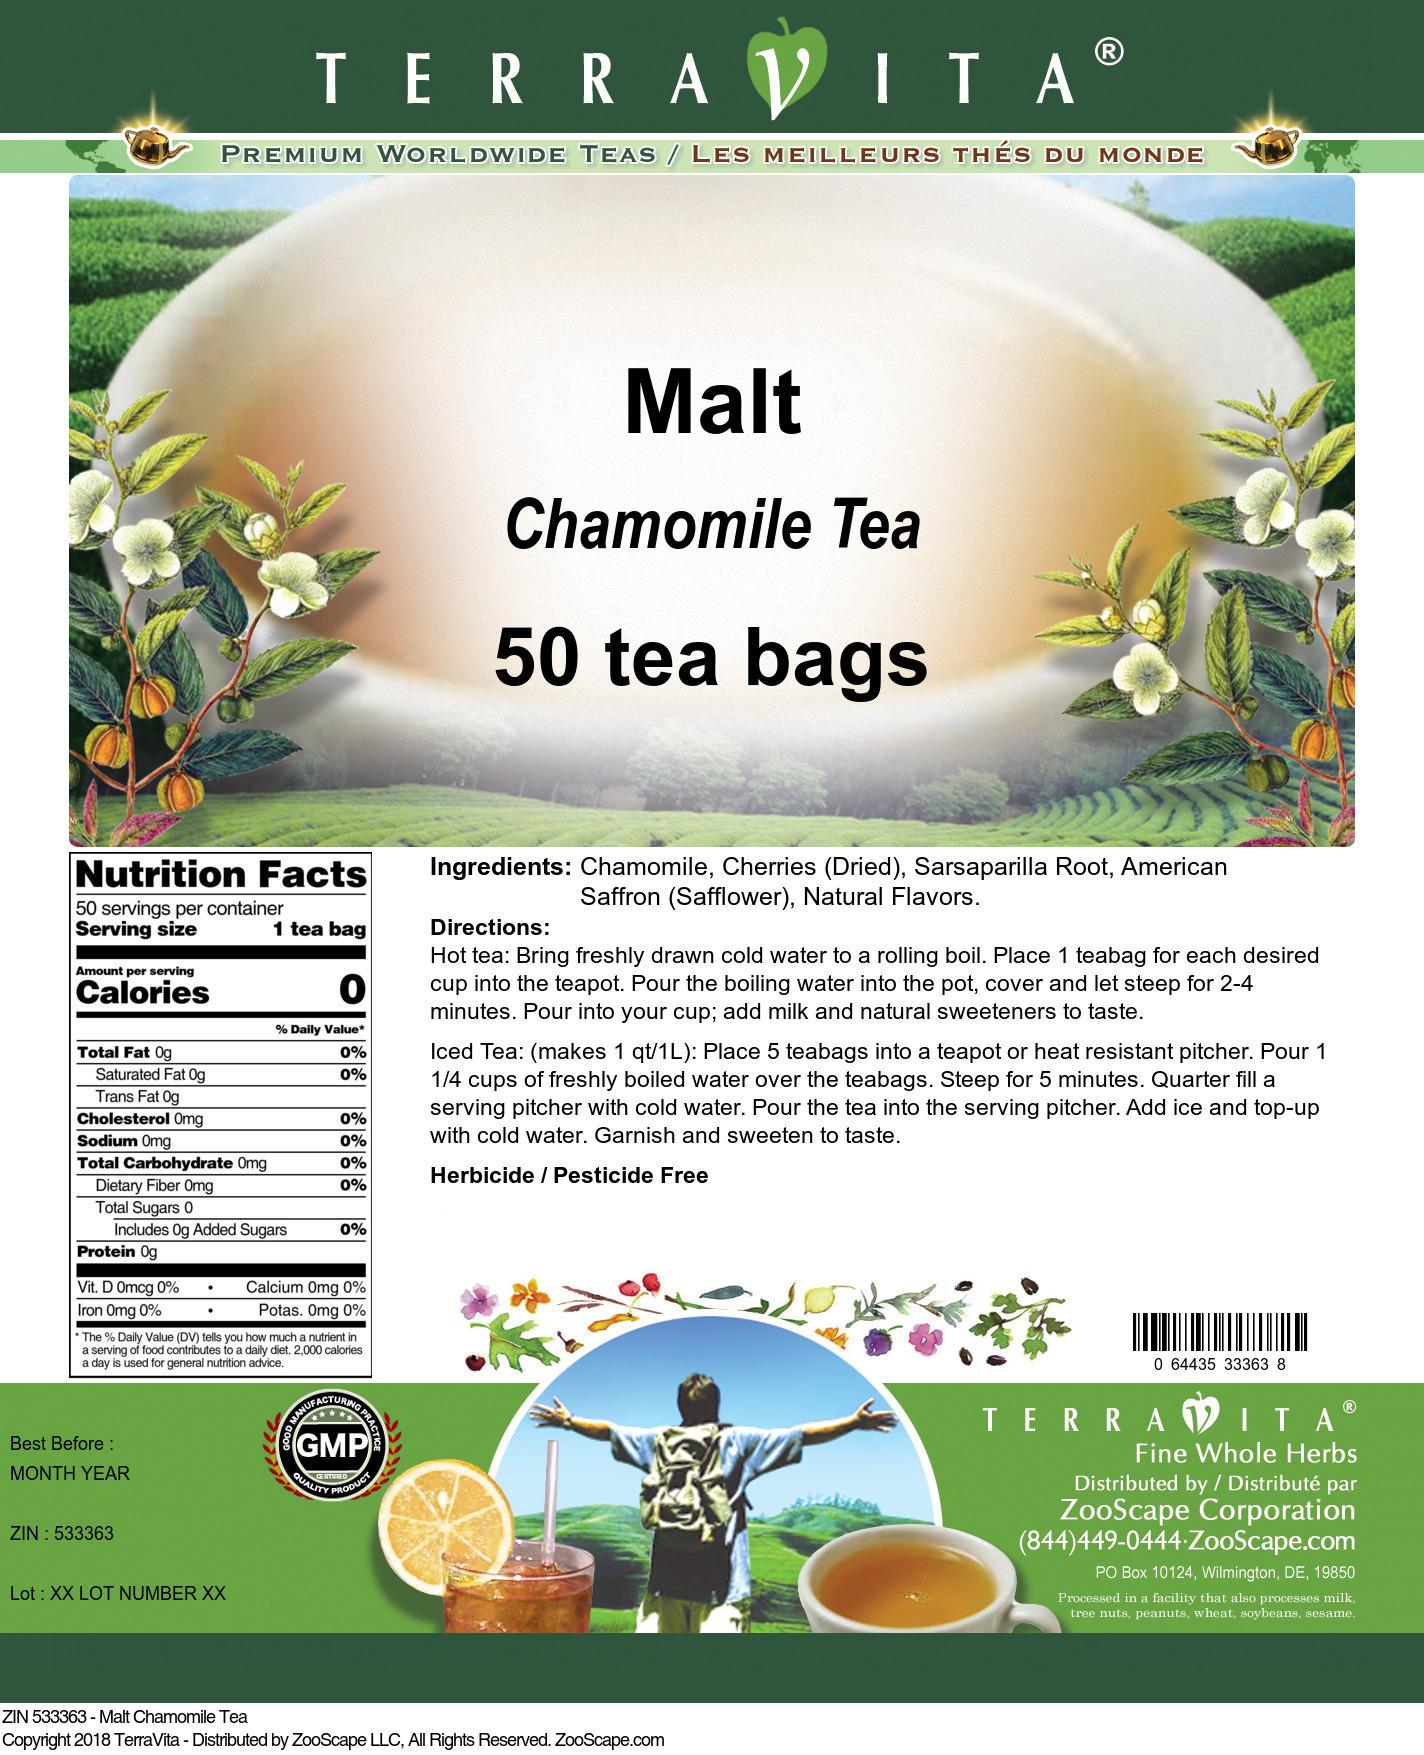 Malt Chamomile Tea